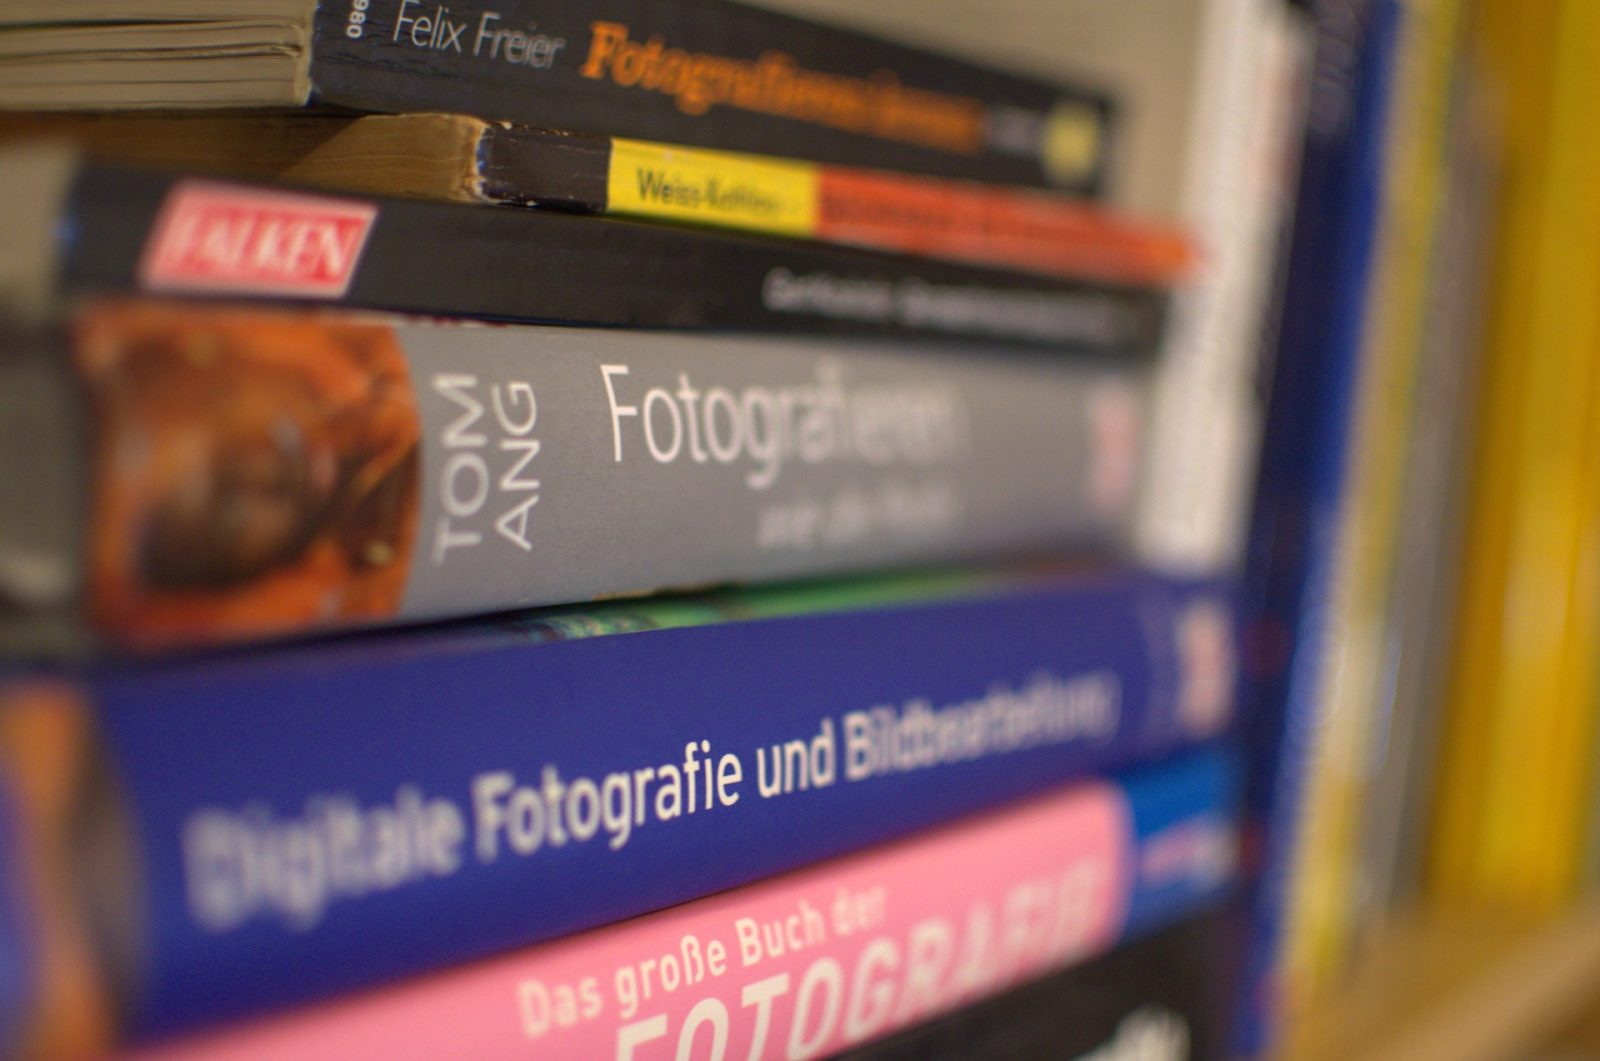 Bücher für Fotografen: Tom Ang – Fotografieren das ganze Jahr